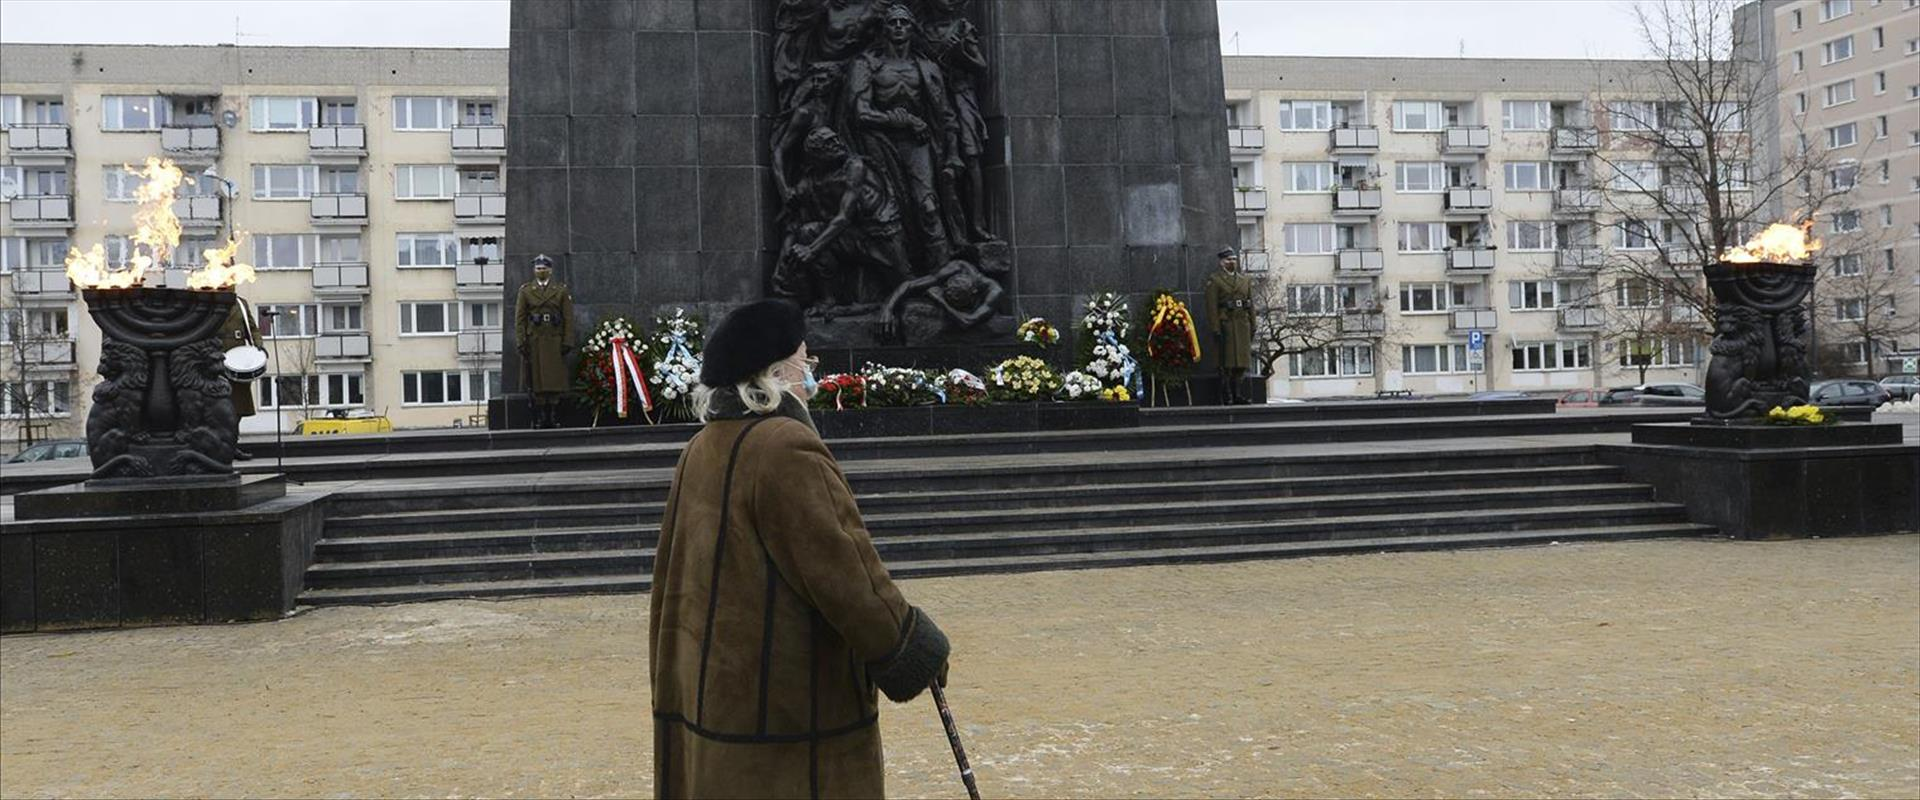 האנדרטה לגטו ורשה בפולין